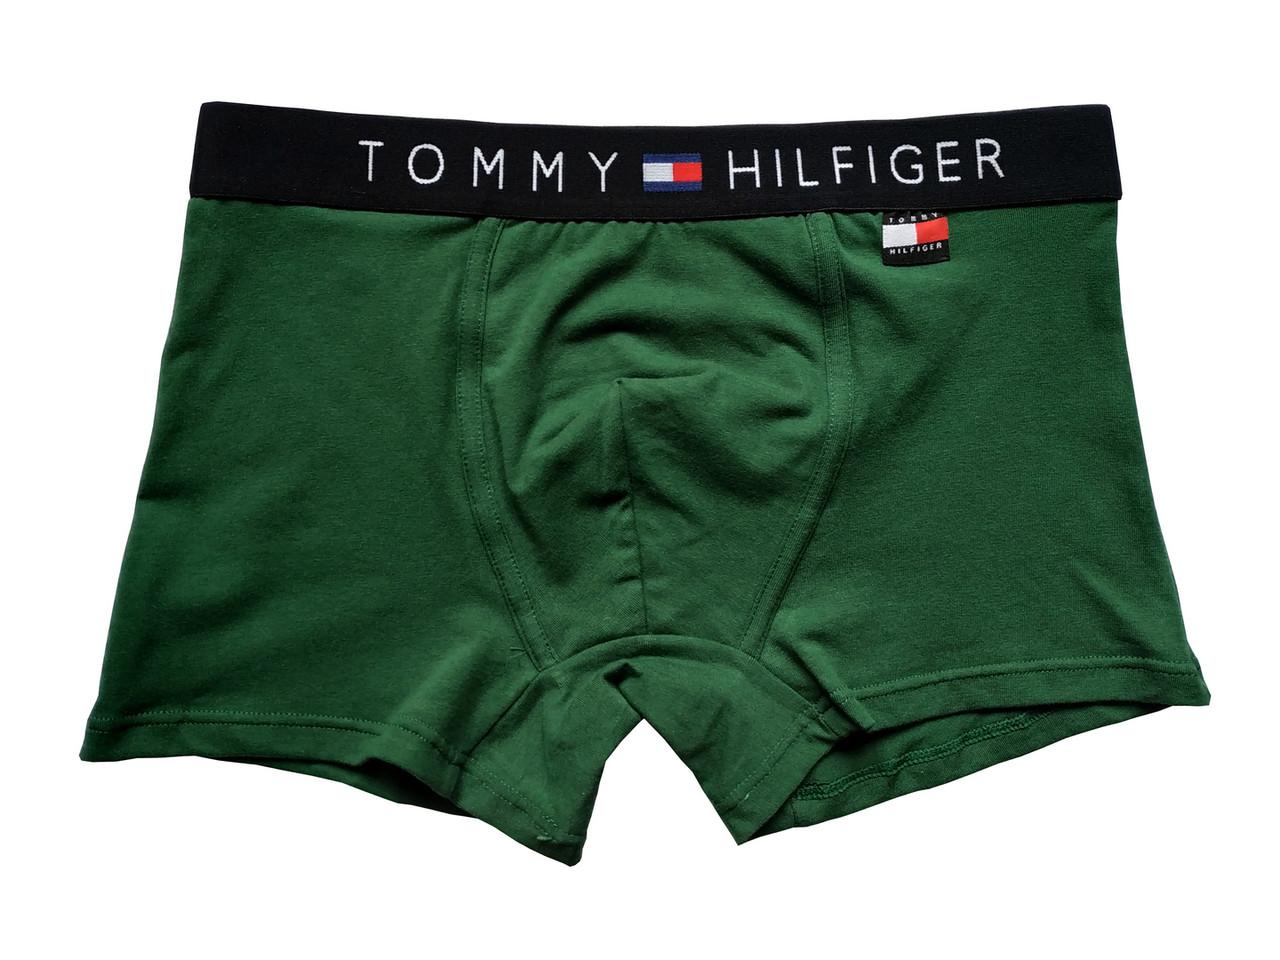 Мужские трусы Tommy Hilfiger (реплика) бирка зеленые